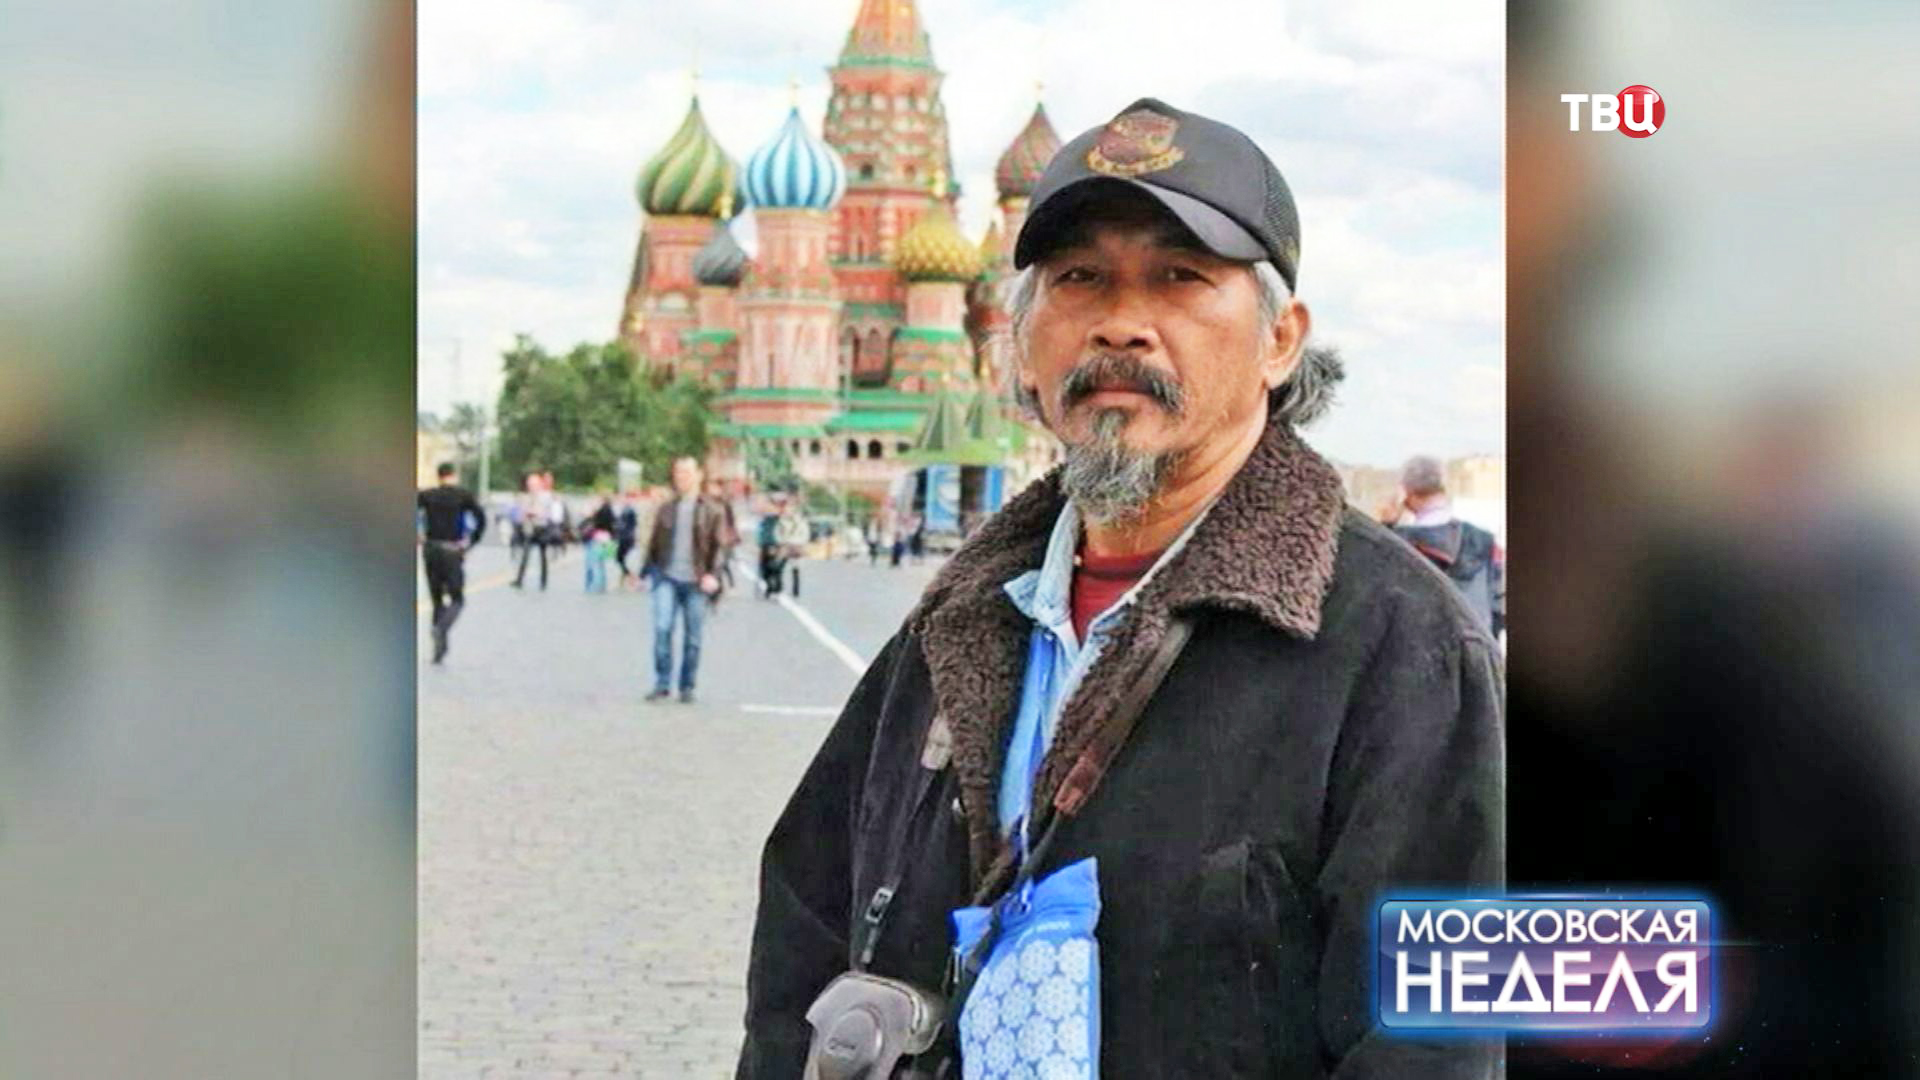 Турист из Таиланда Манат Родтед